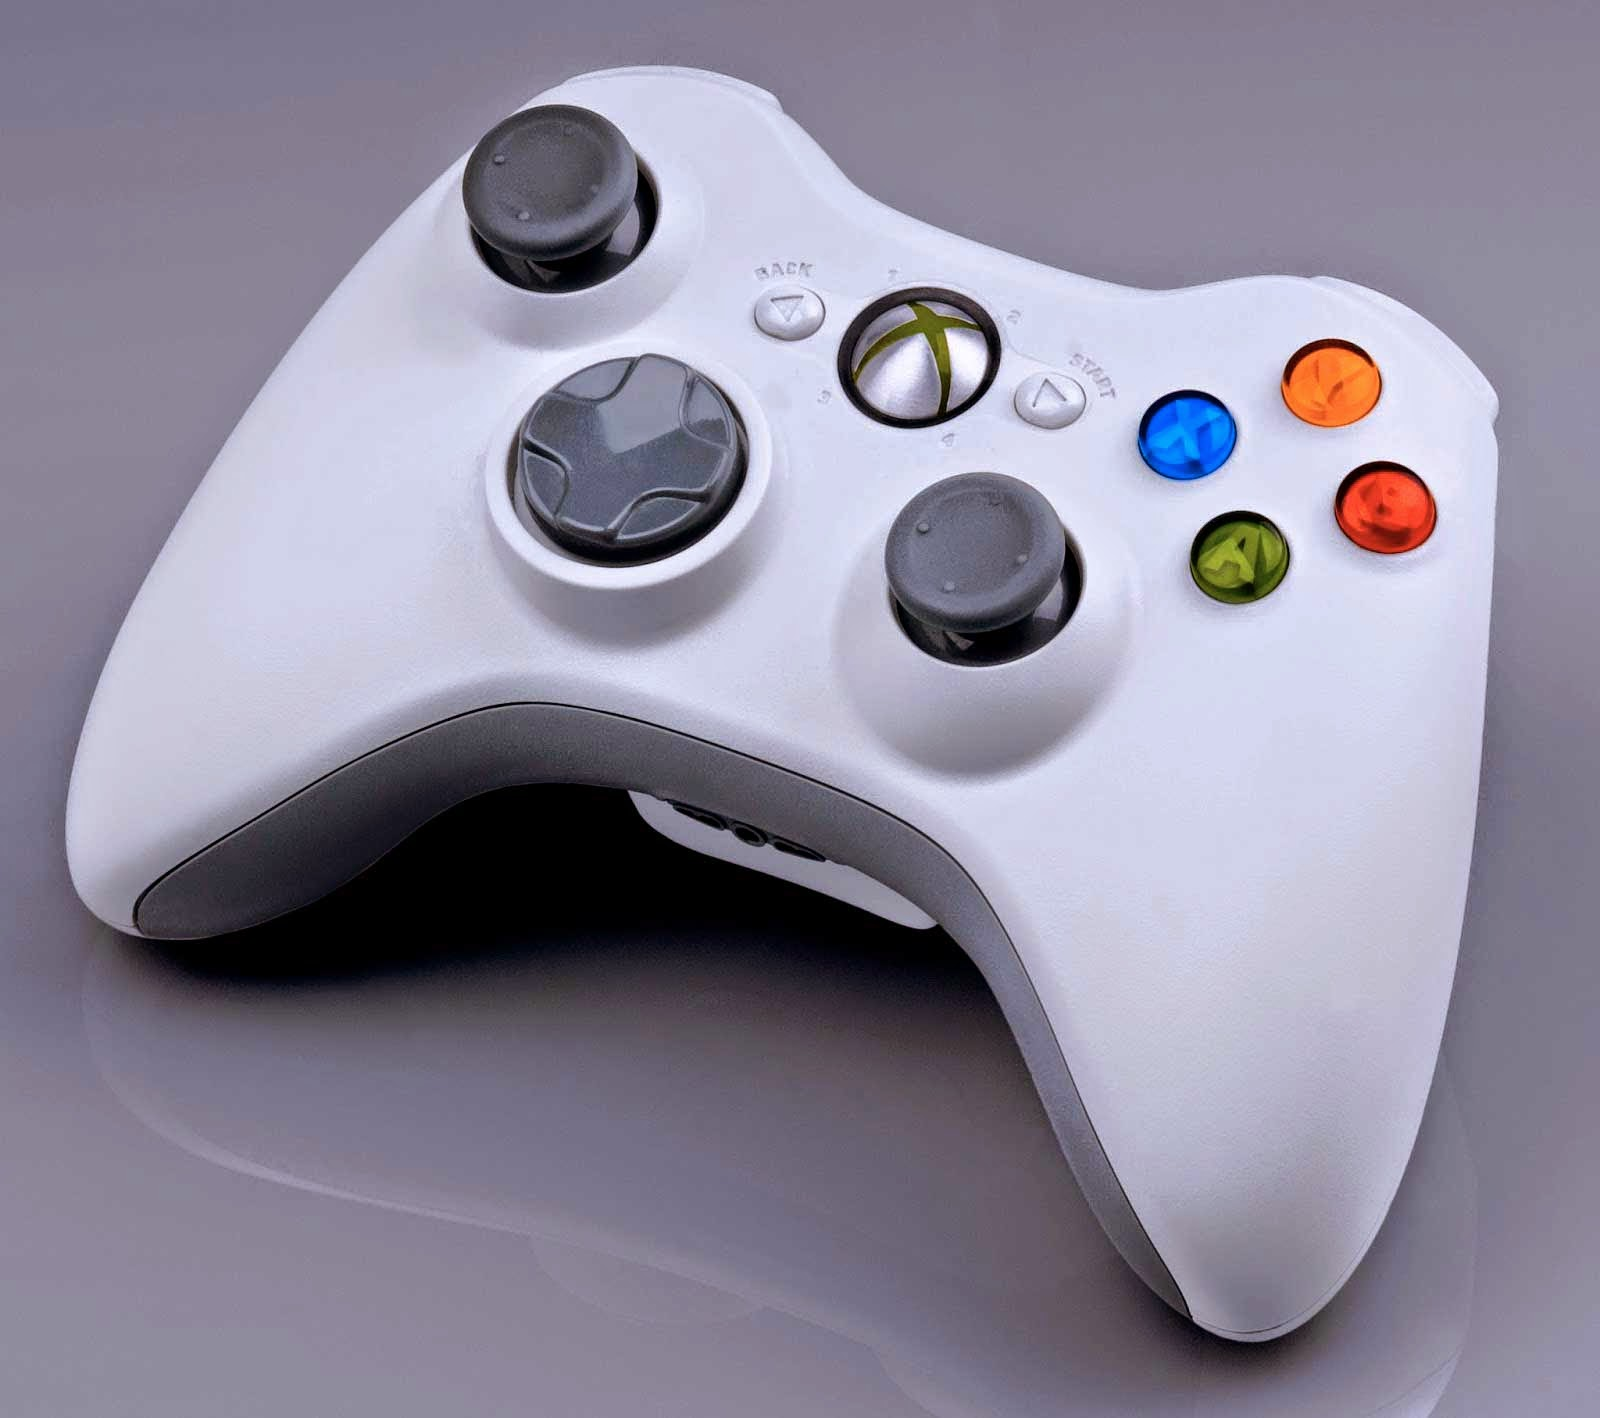 Cara Merubah Usb Joystick Menjadi Xbox 360 Controller Primonymous Kaset Fifa 2018